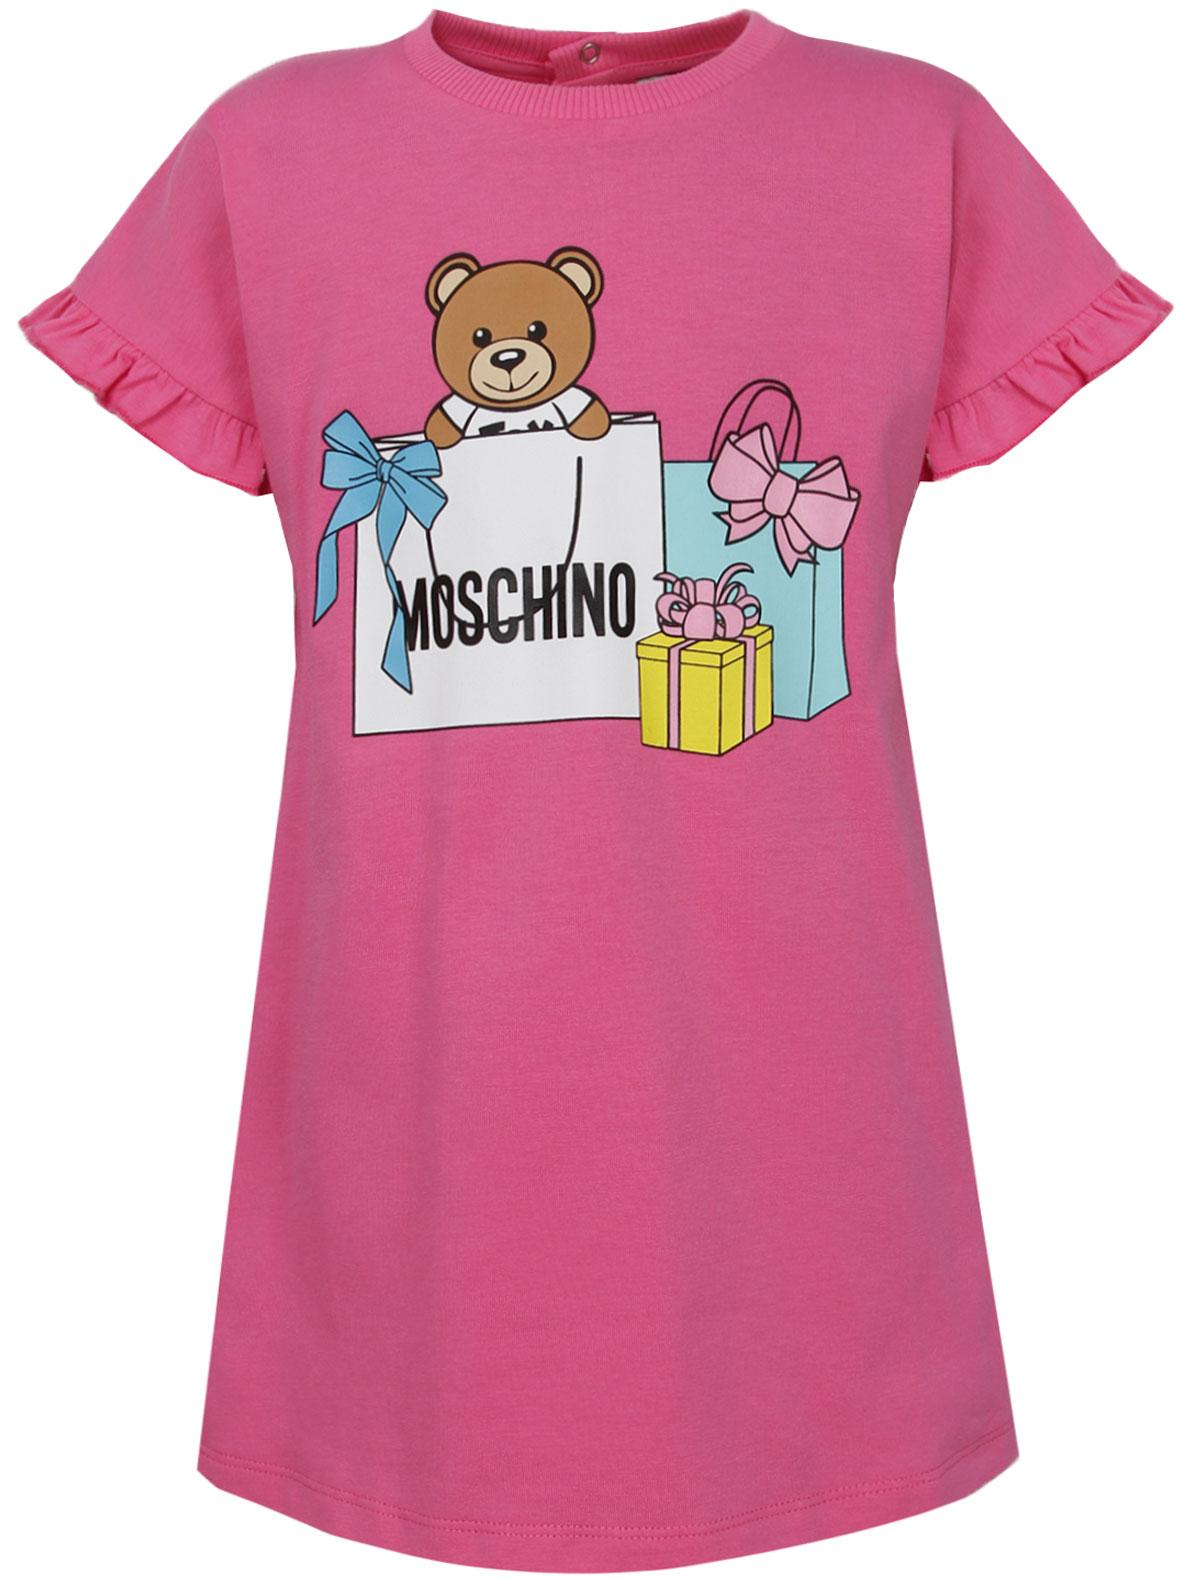 Купить 2279743, Платье Moschino, розовый, Женский, 1054509174327